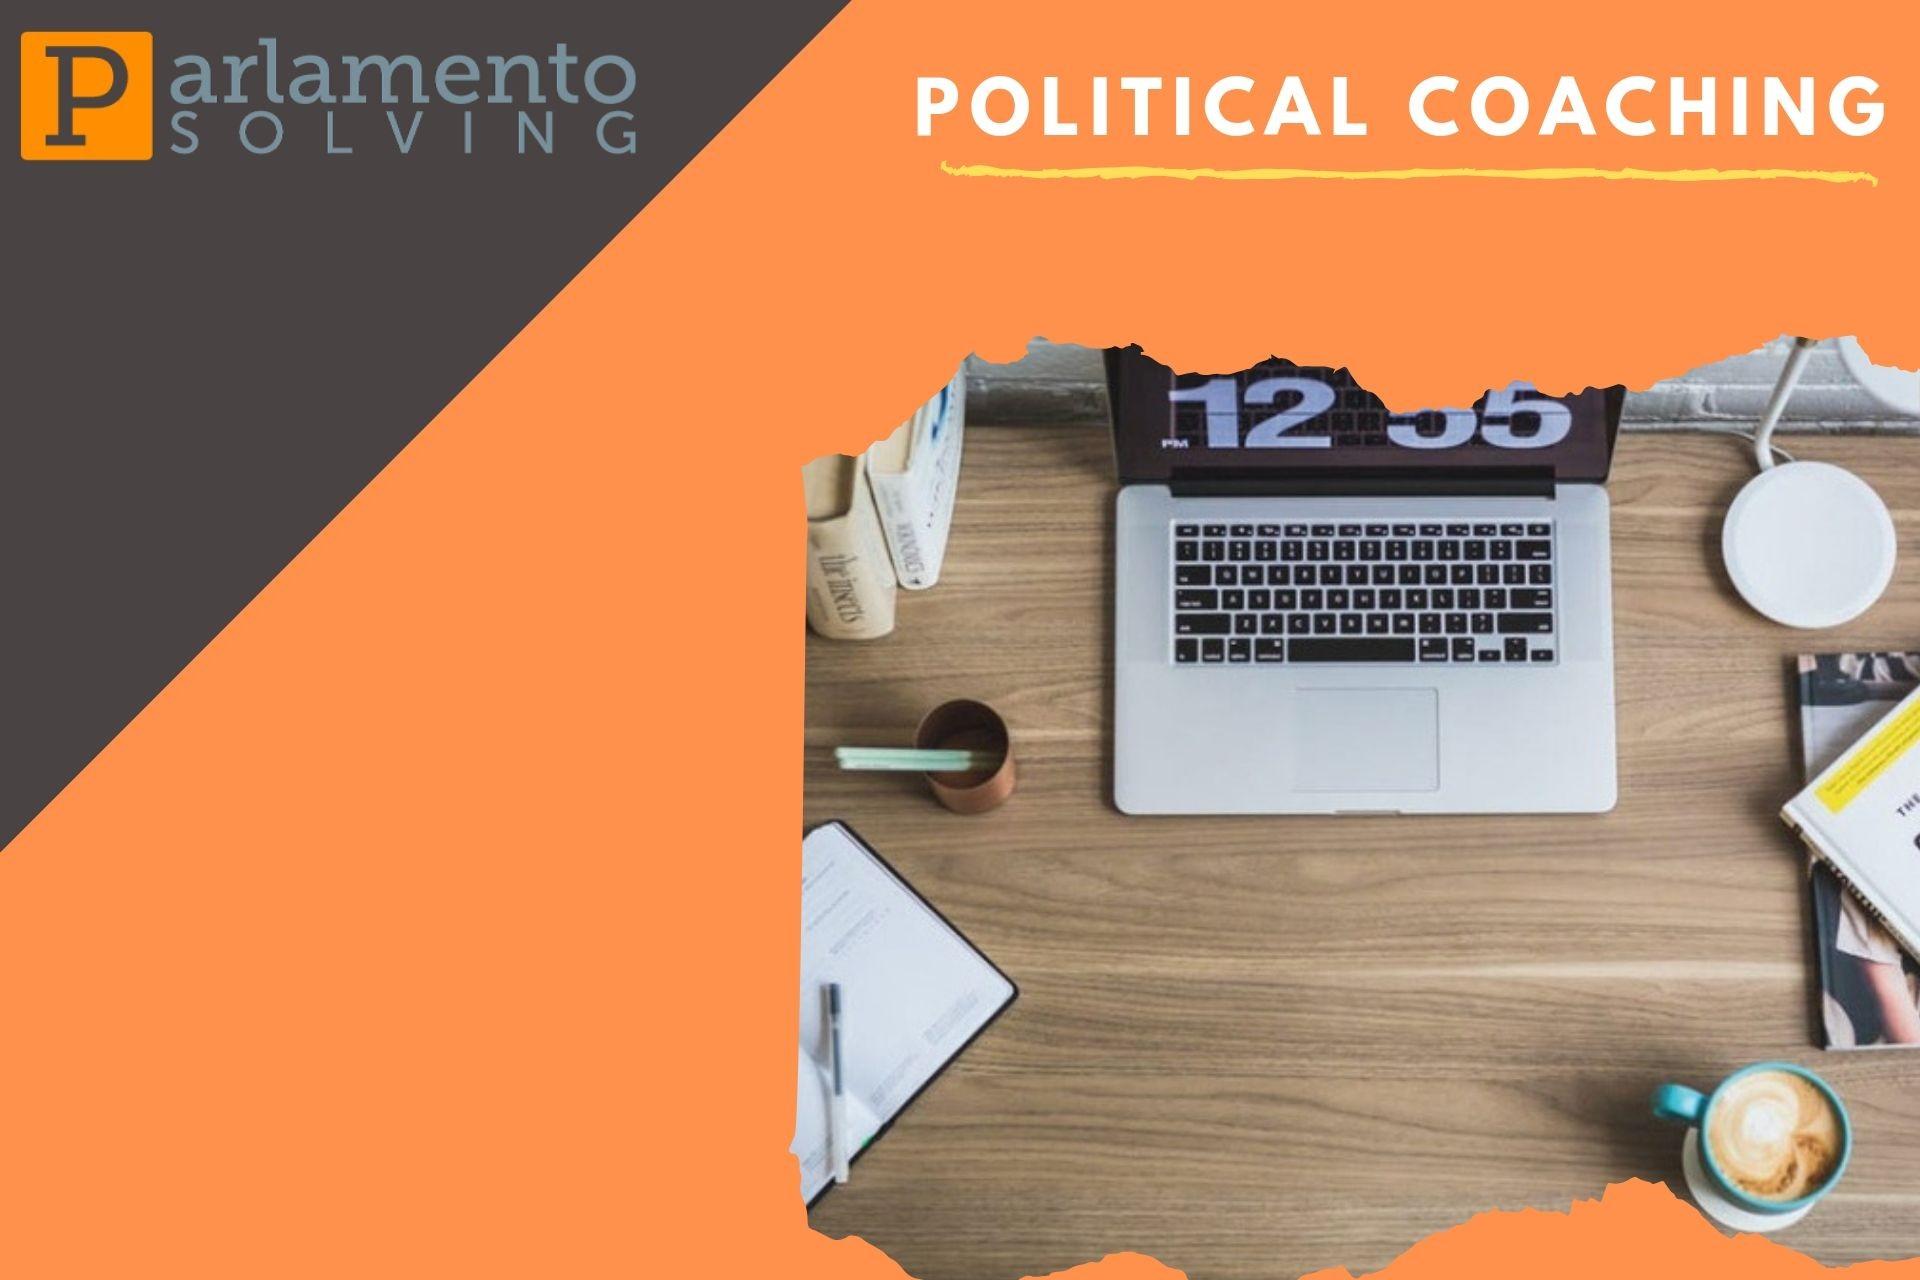 POLITICAL COACHING